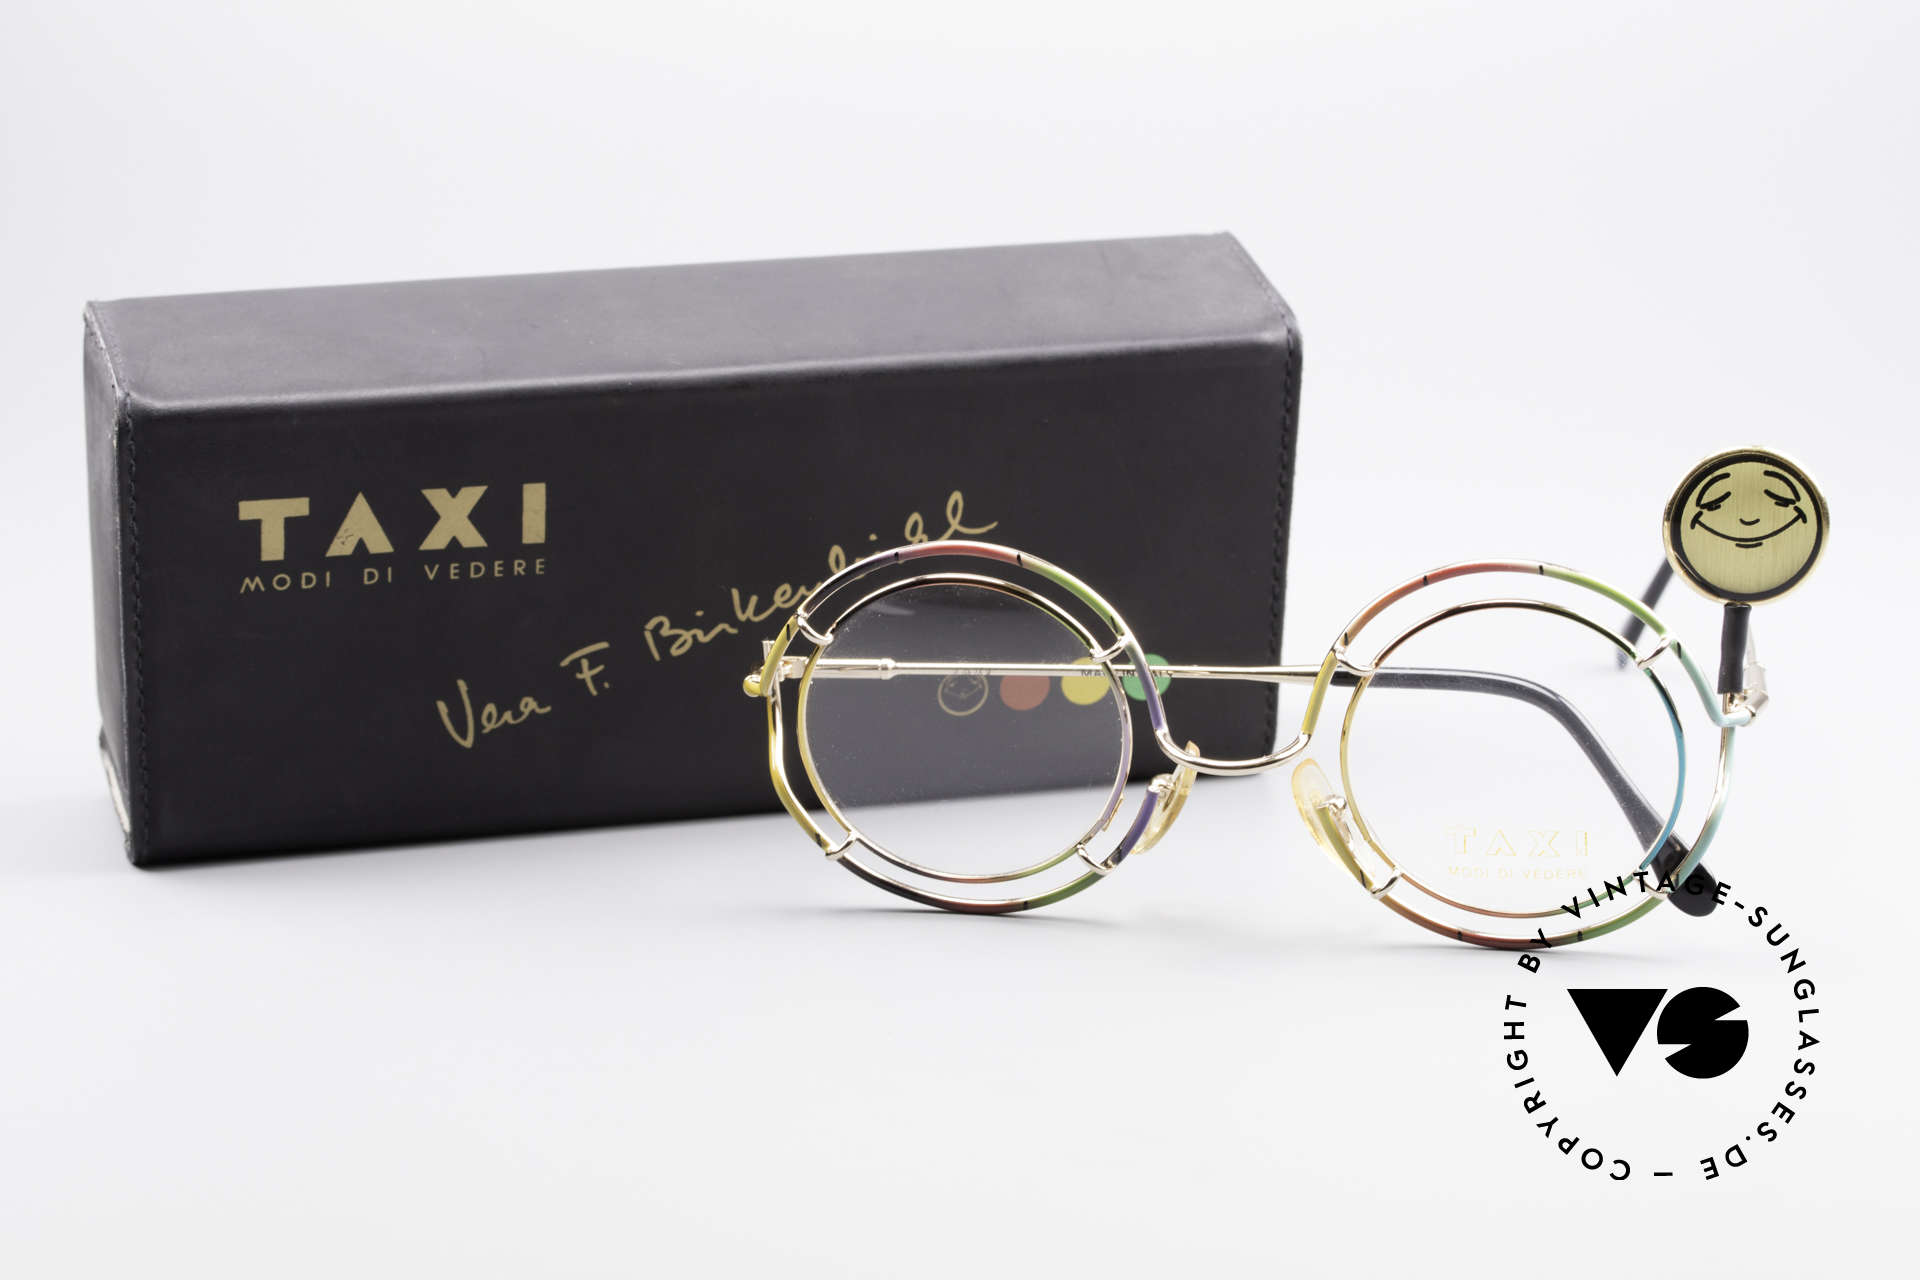 Taxi ST7 by Casanova Birkenbihl Kommunikationsbrille, so schaffen Sie sehr kreativ eine (Gesprächs-) Basis, Passend für Herren und Damen